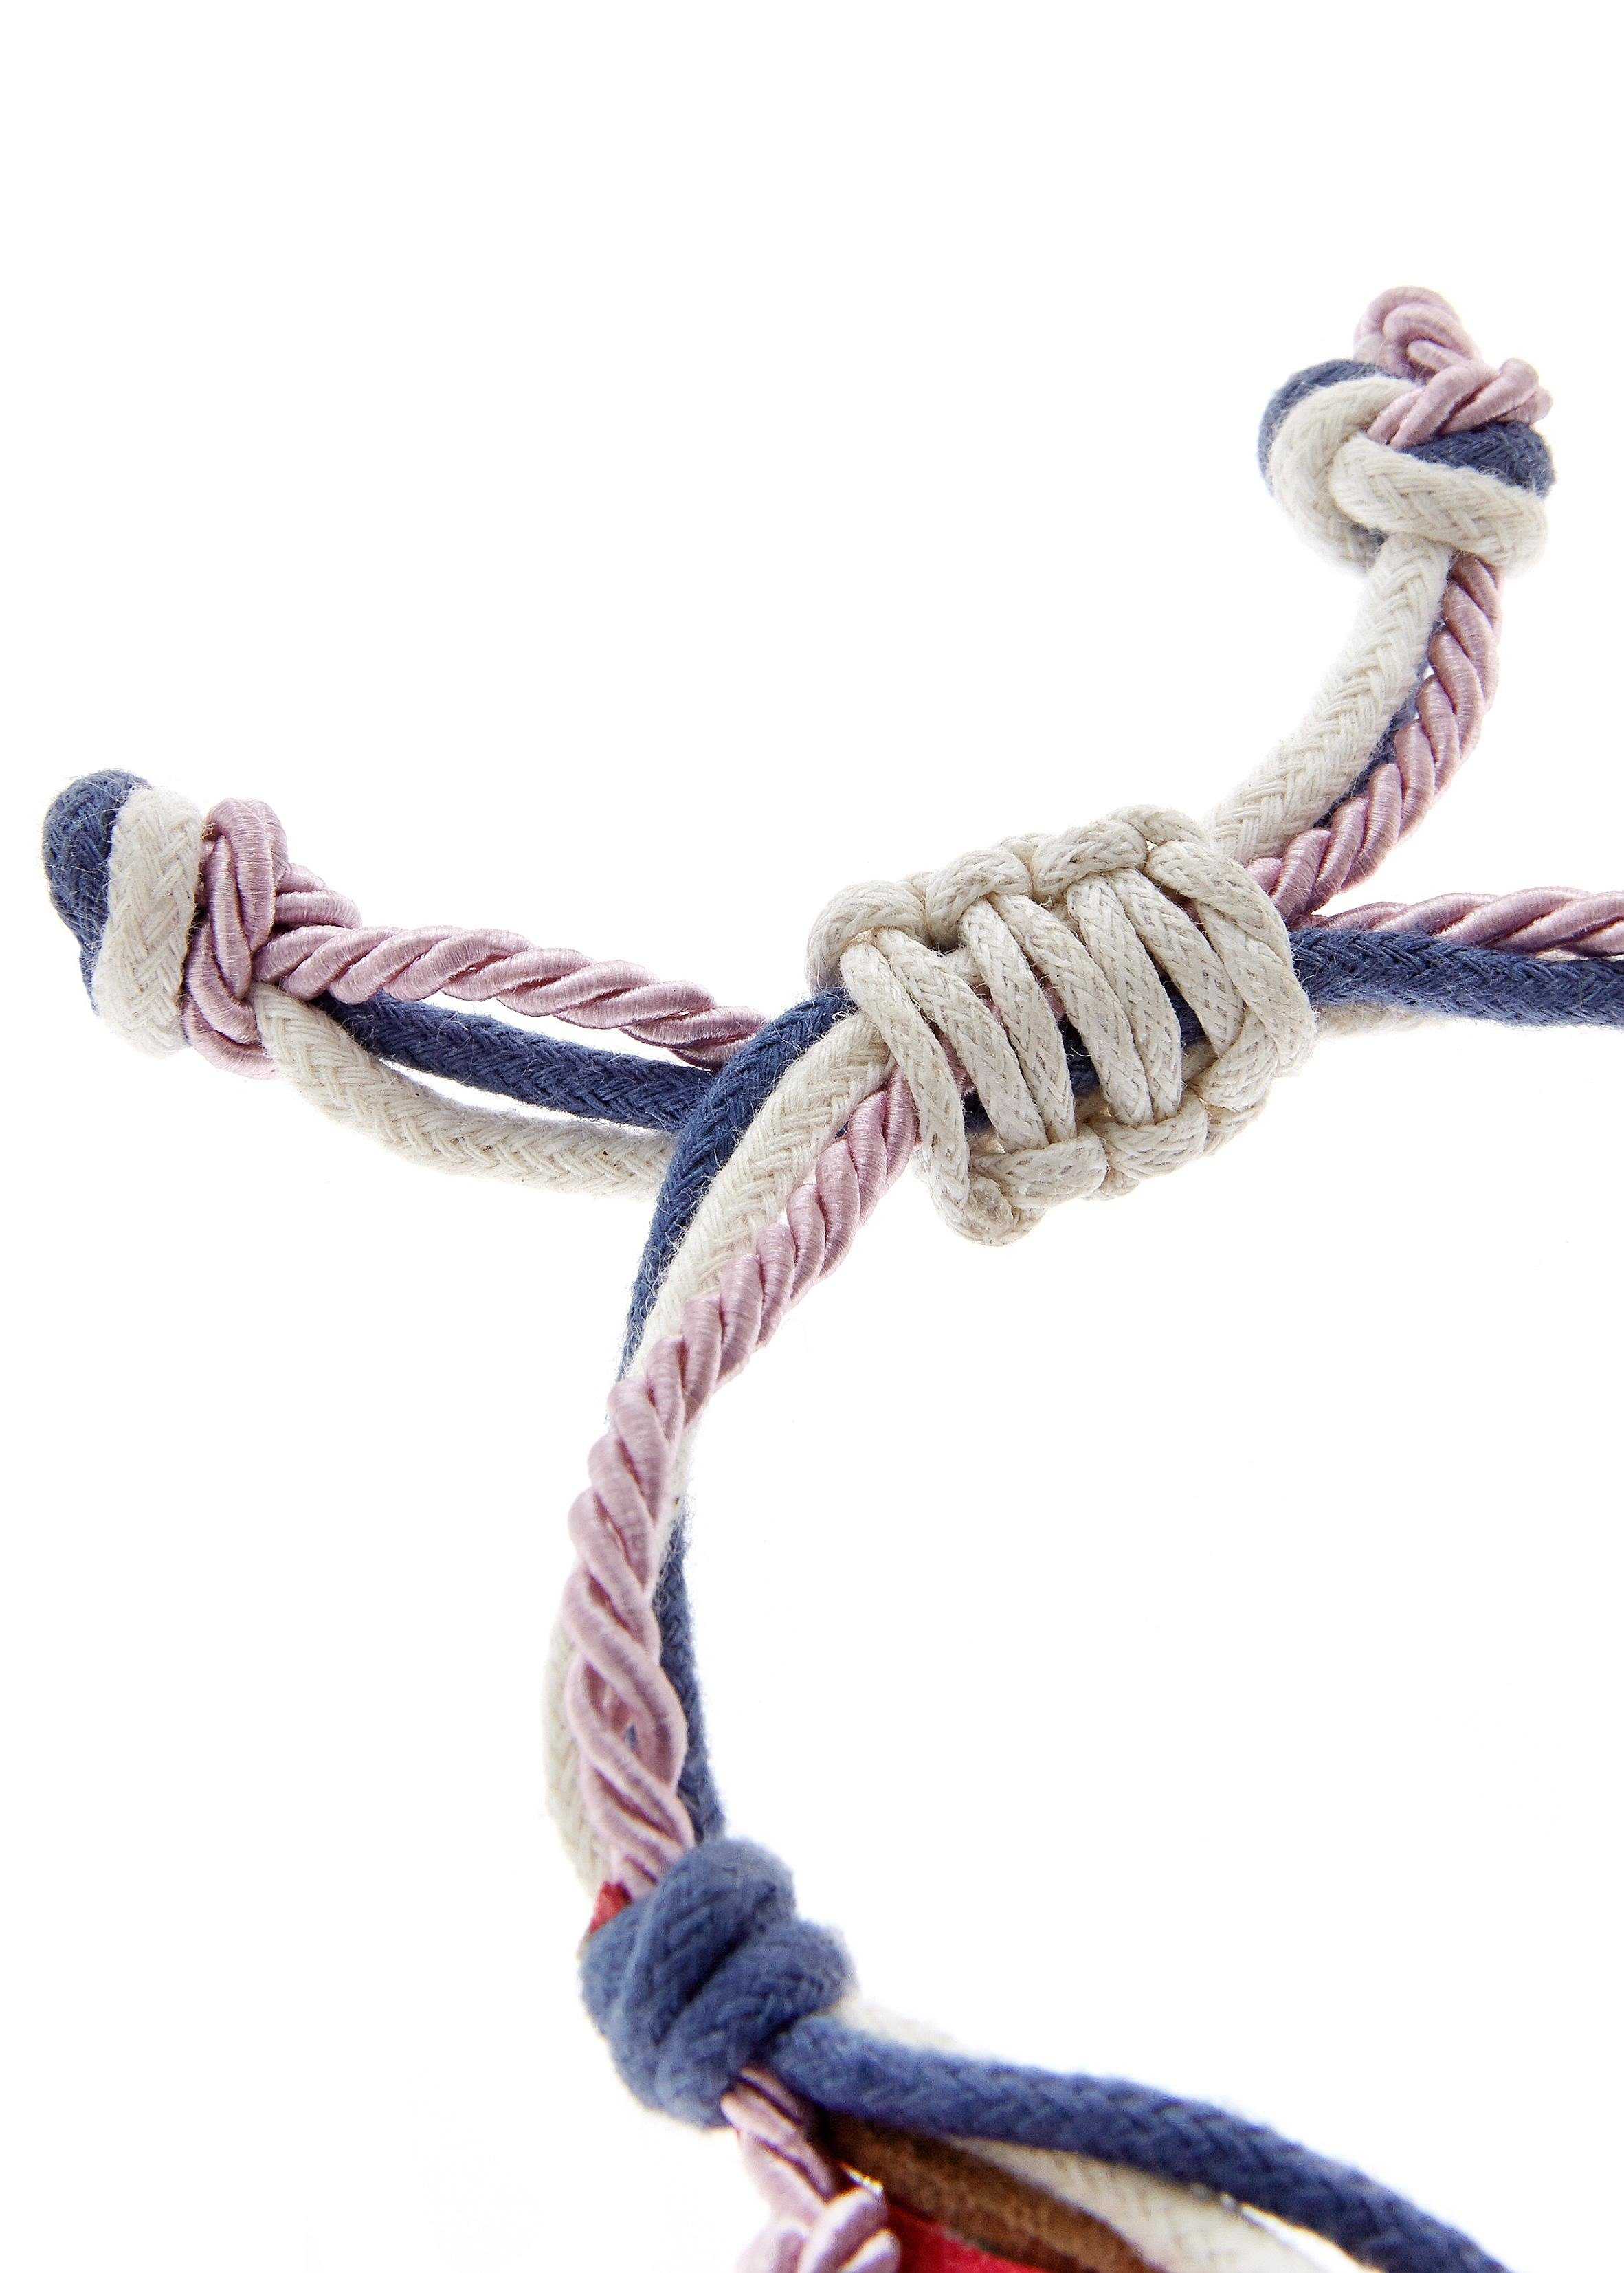 Lascana delige Armband2 En Ketting SetSnel Gevonden TJc3ulF5K1